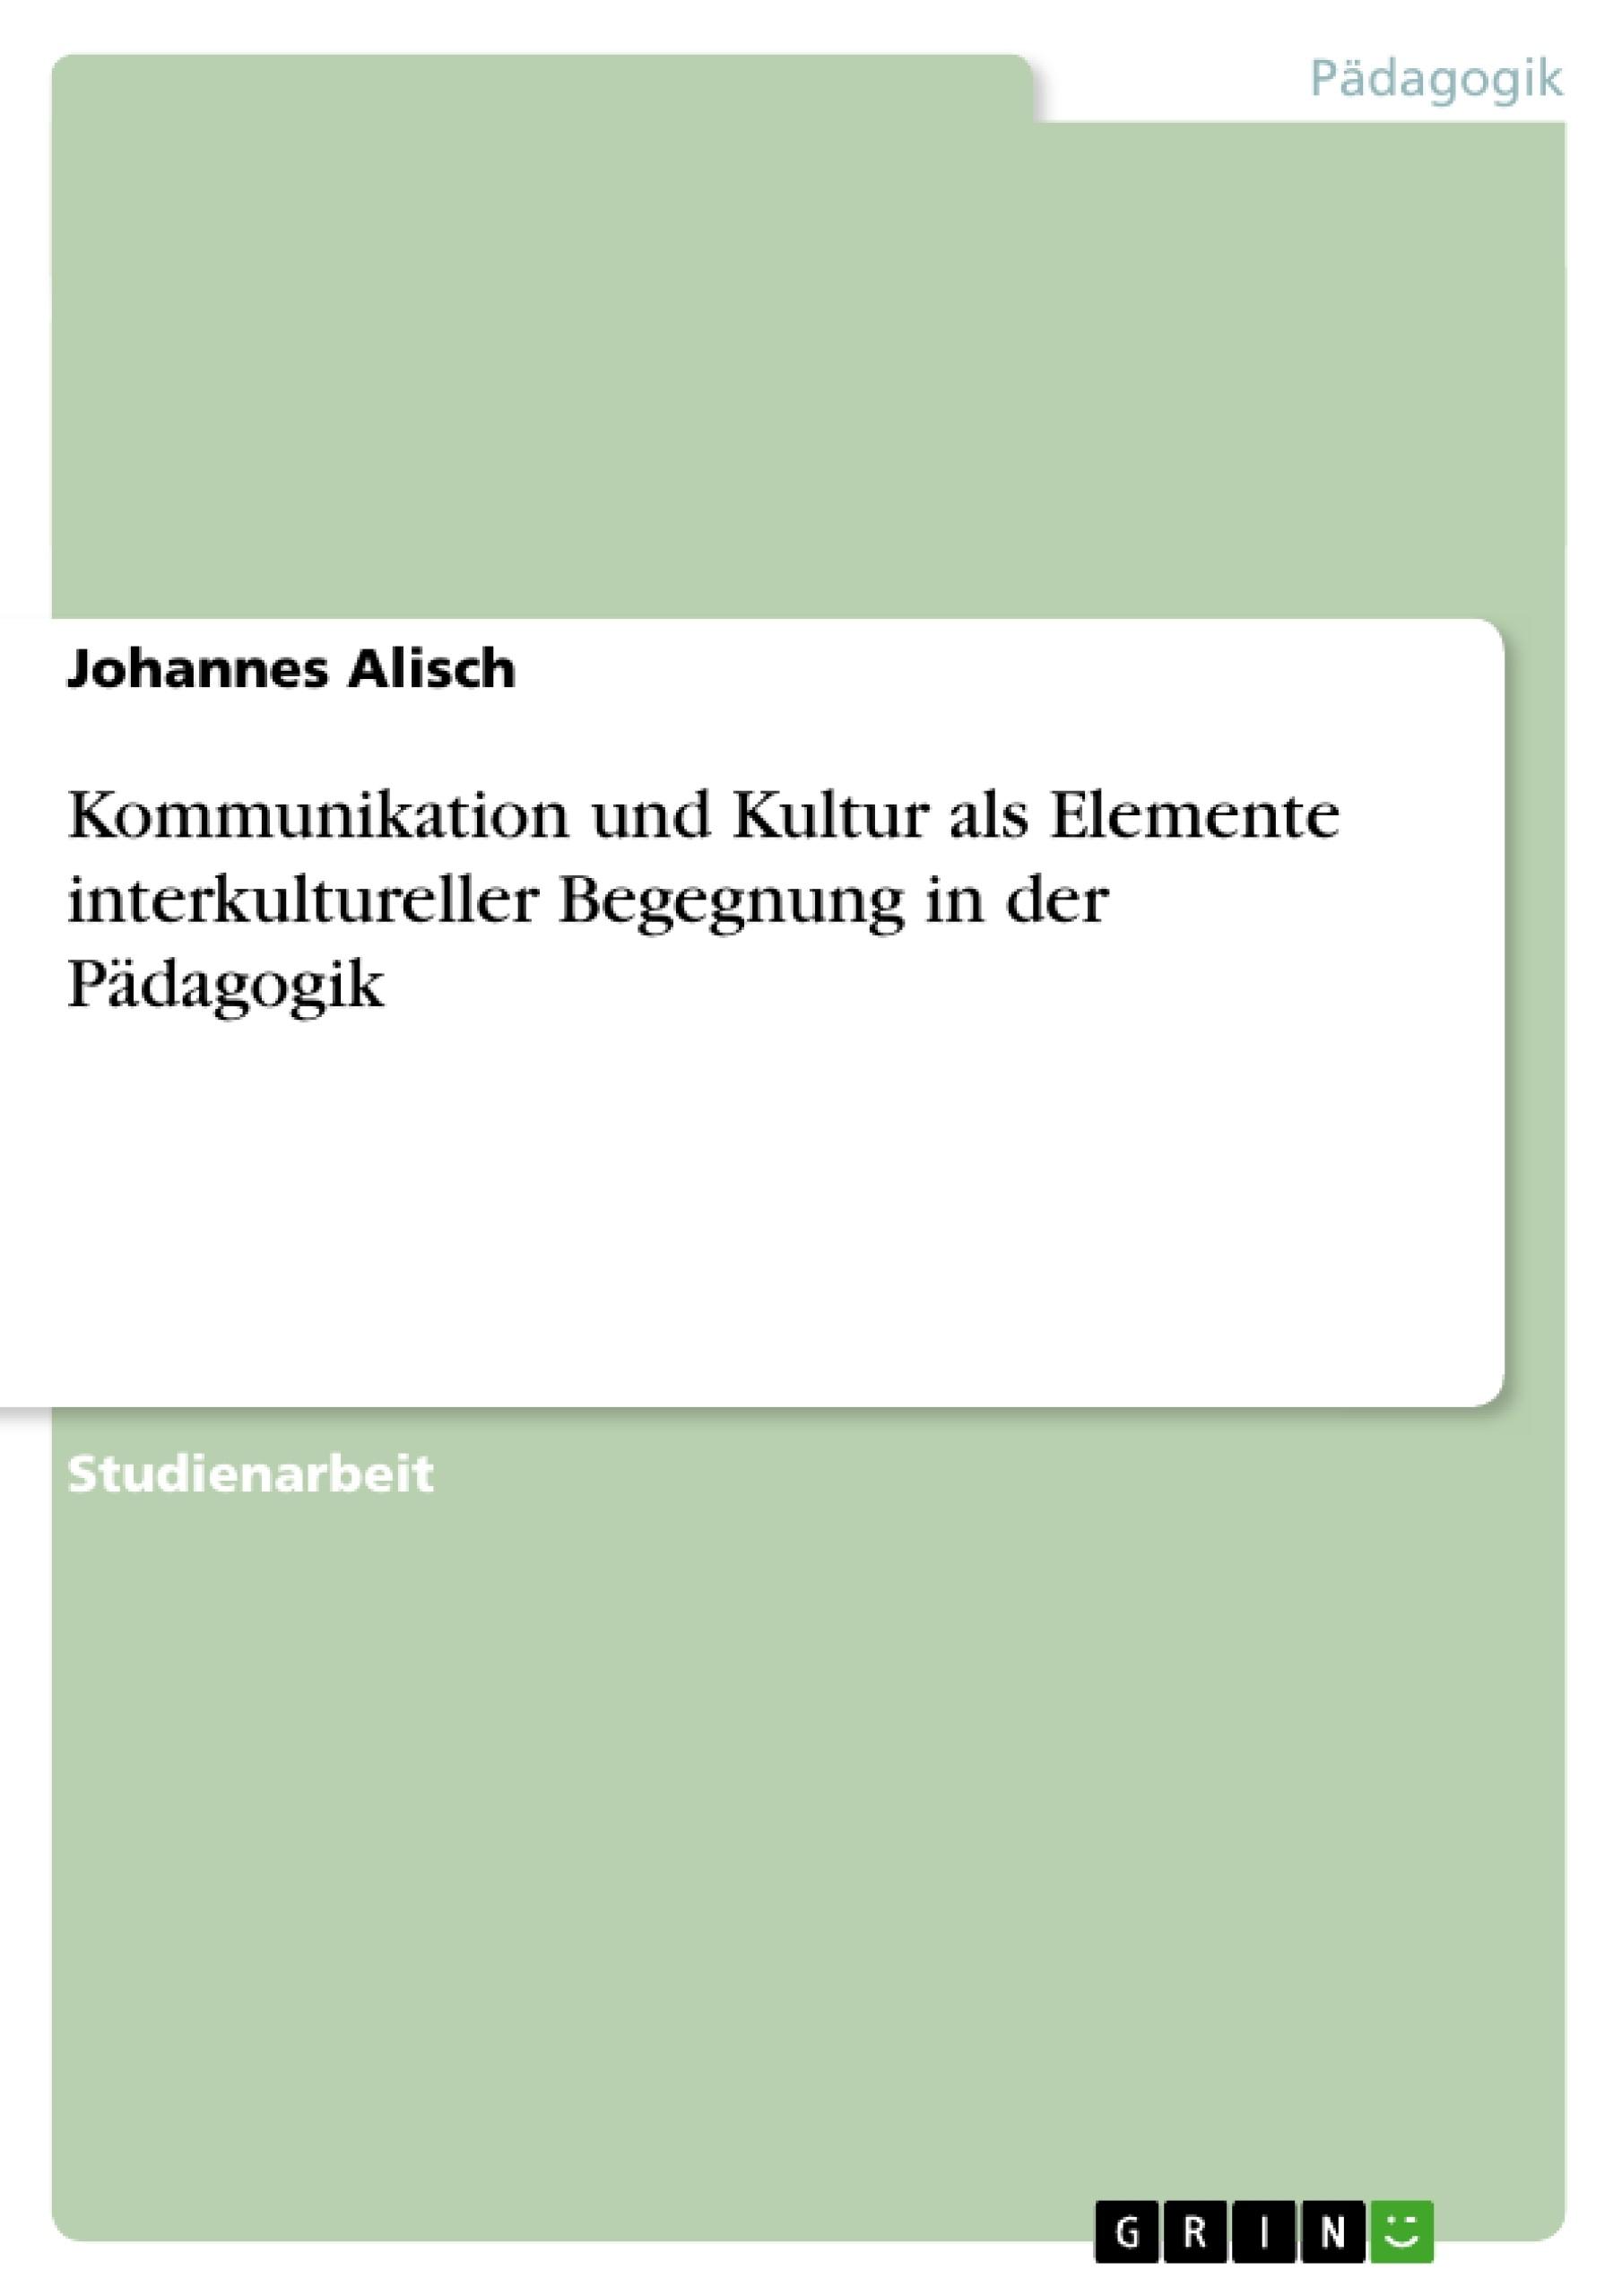 Titel: Kommunikation und Kultur als Elemente interkultureller Begegnung in der Pädagogik